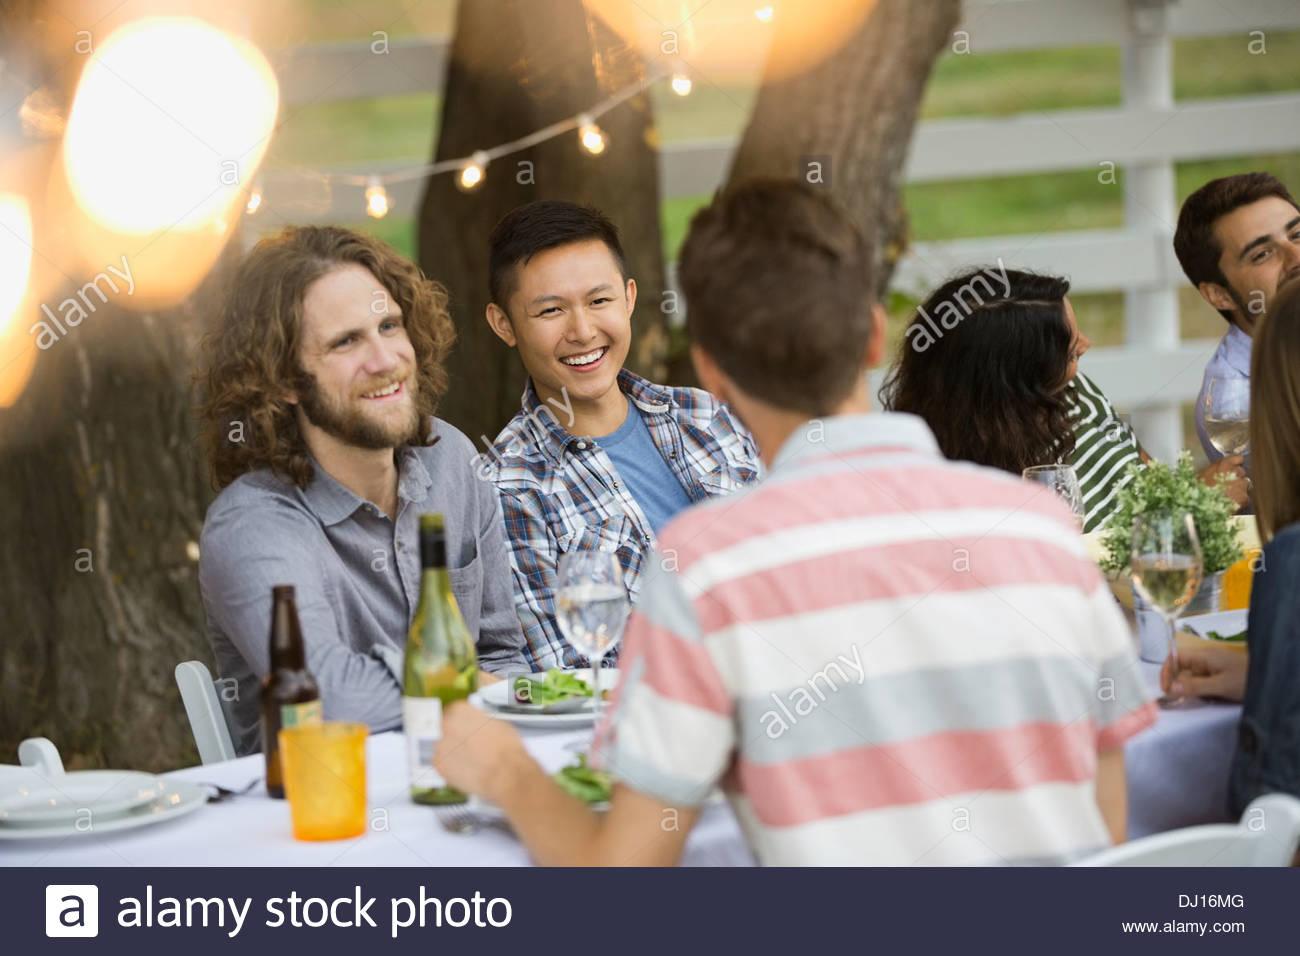 Multietnica amici godendo outdoor dinner party Immagini Stock